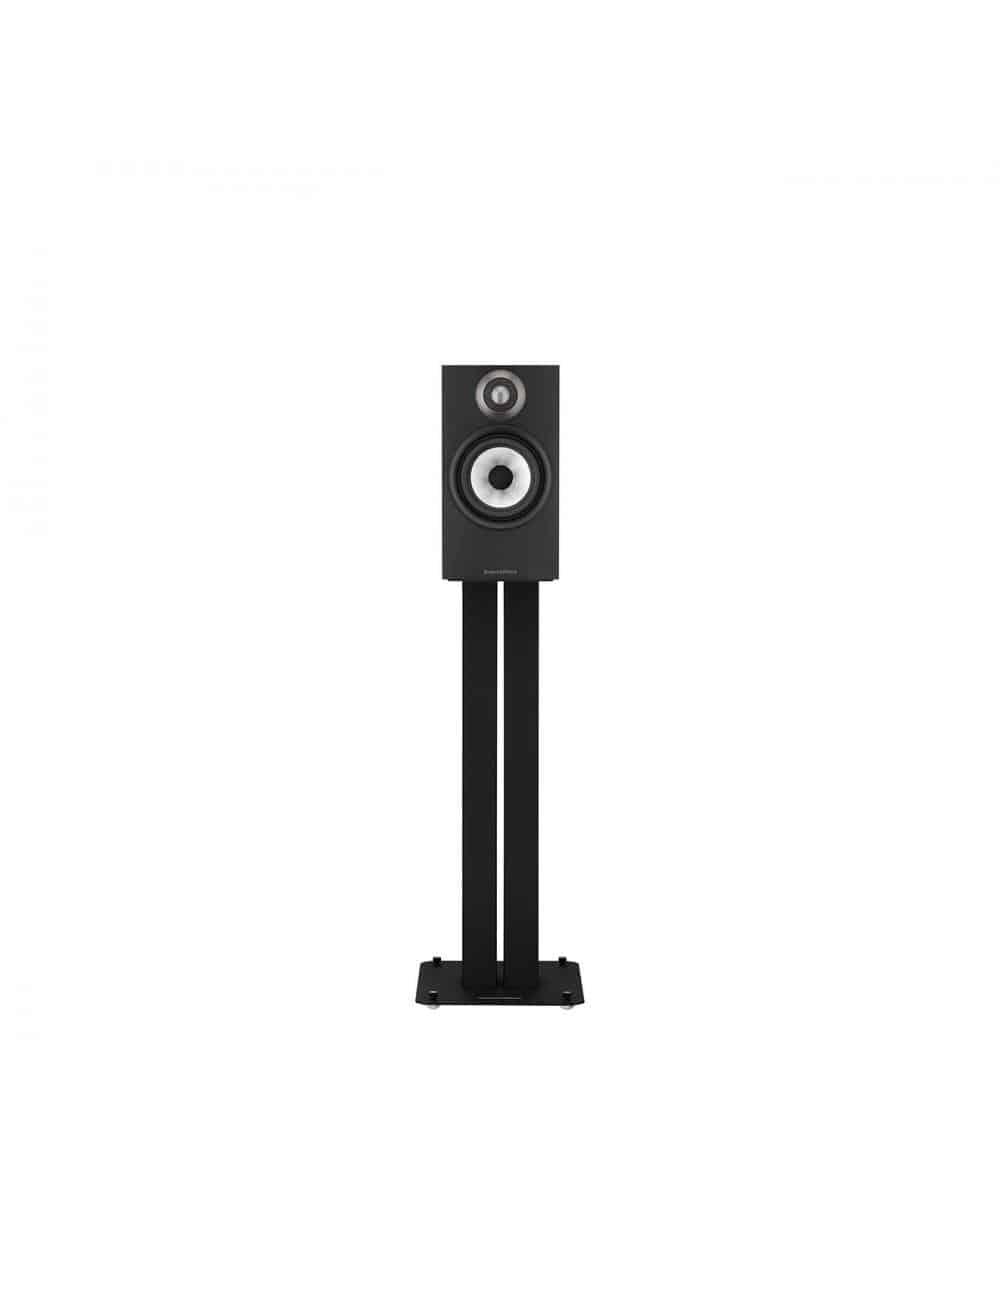 diffusori acustici da stand o scaffale per hifi e home theater, Bowers & Wilkins 607, finitura Nero